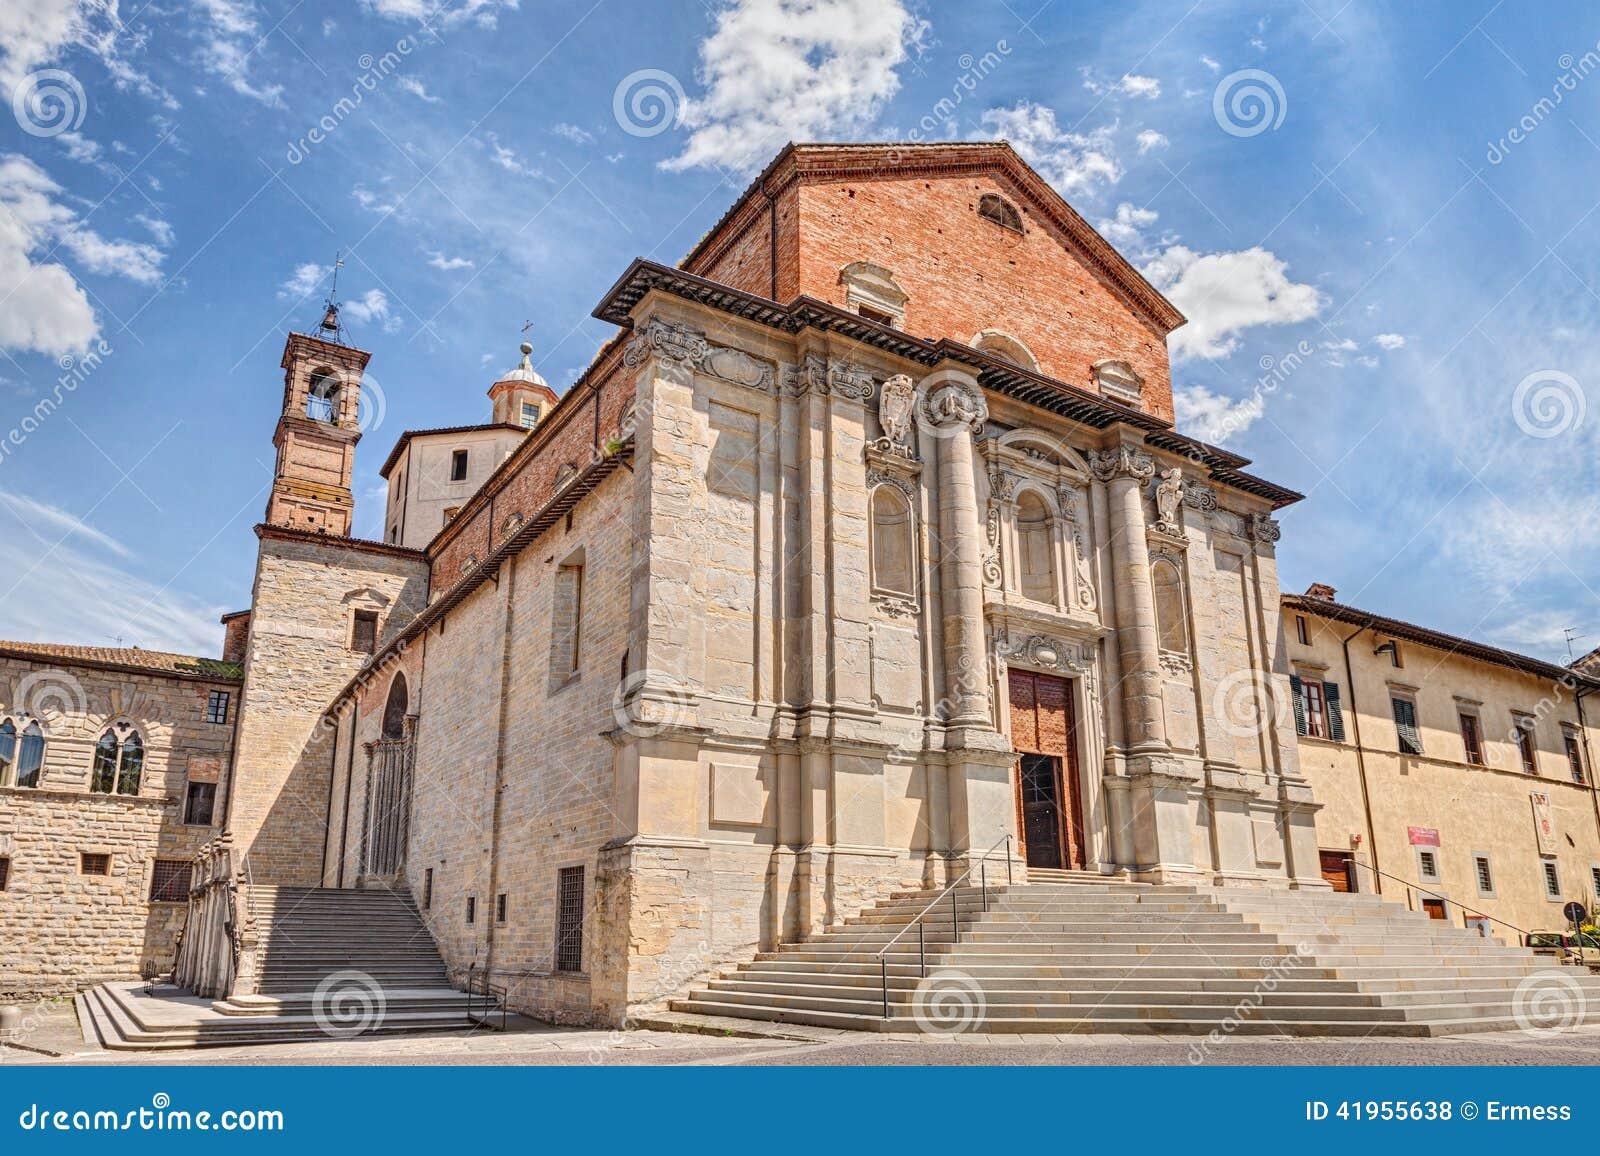 Katedra cittàDi Castello, Perugia, Umbria, Włochy